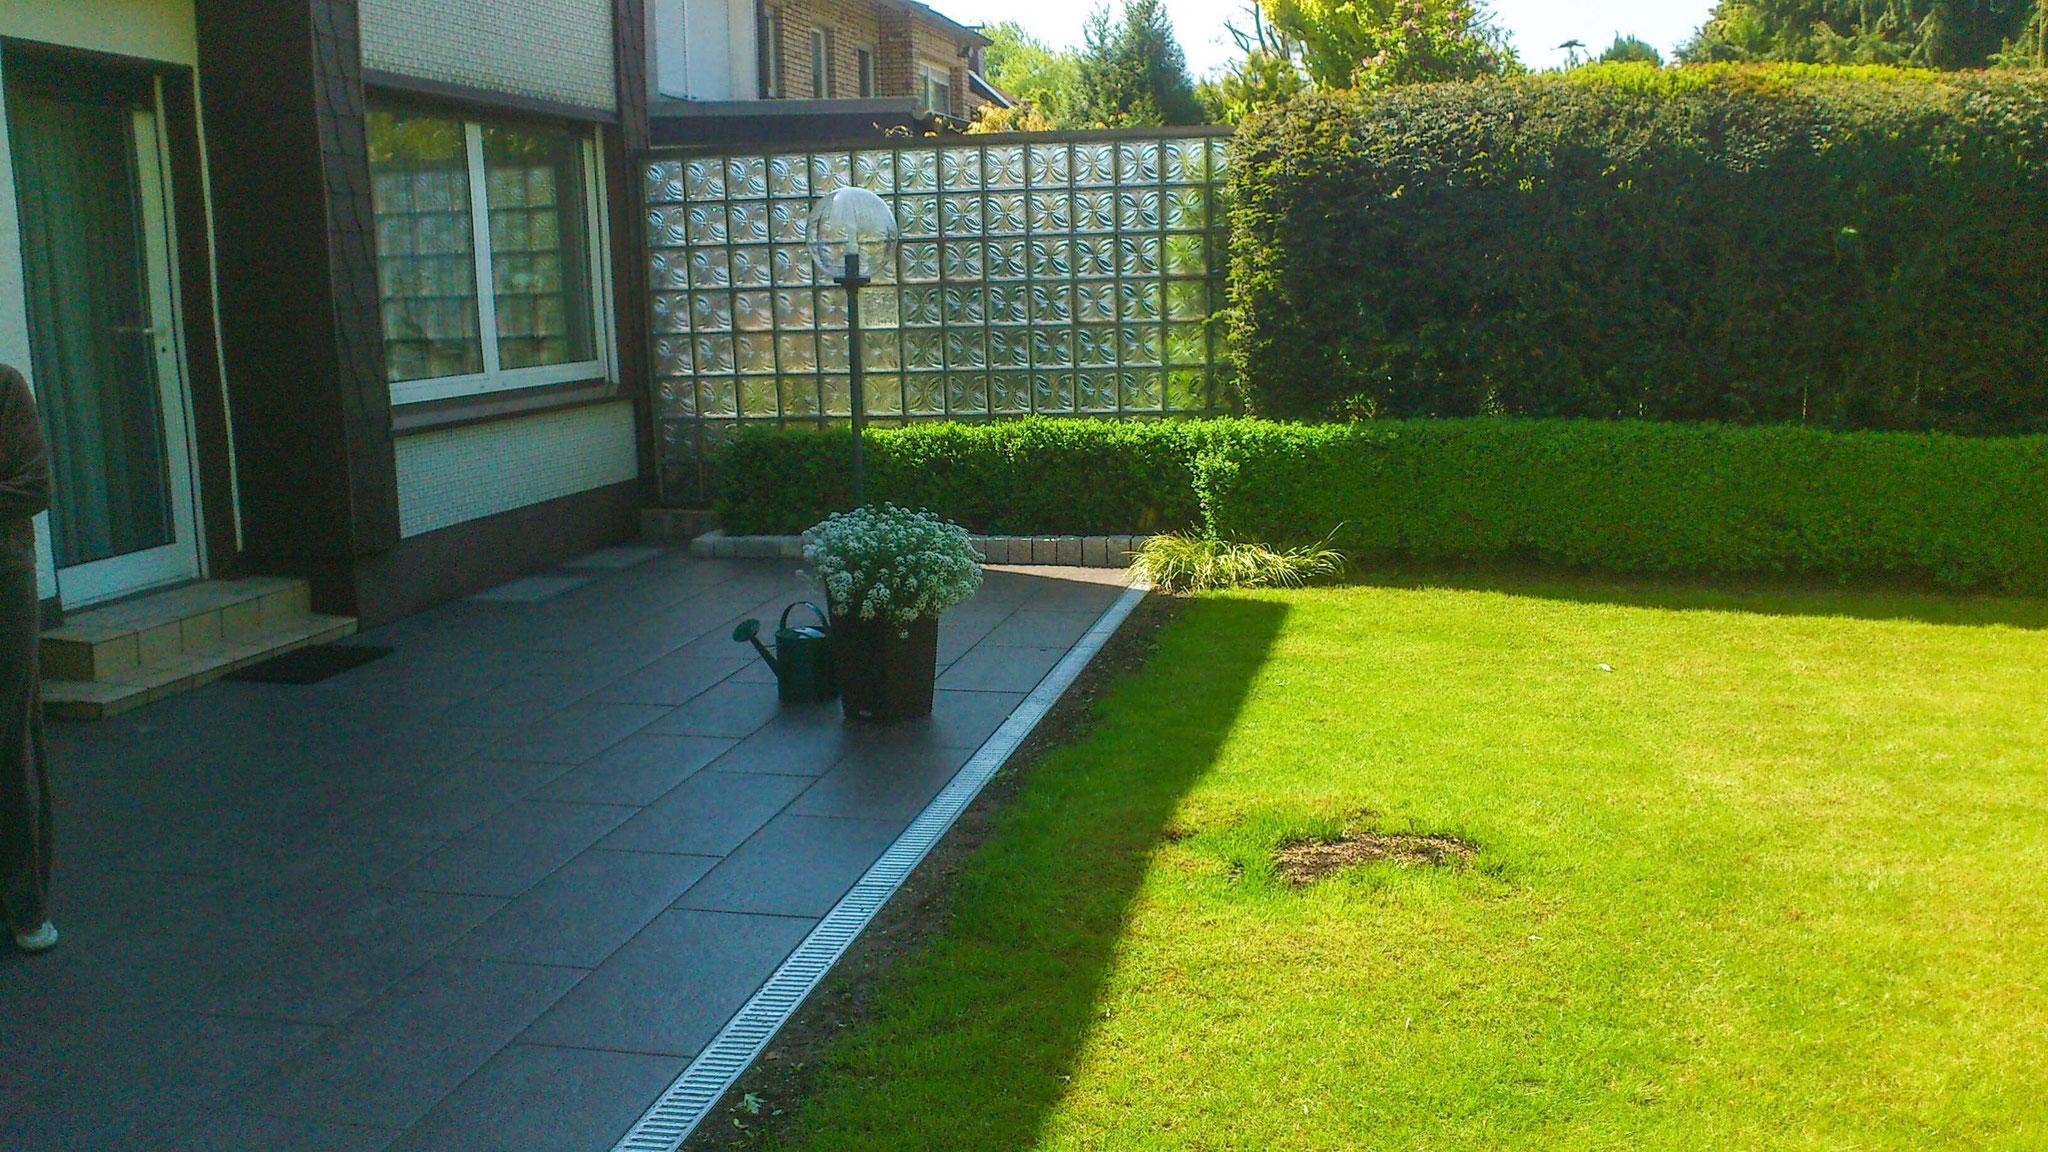 Garten Und Landschaftsbau Recklinghausen herzlich willkommen bei schlüter schlueter gartengestaltungs webseite